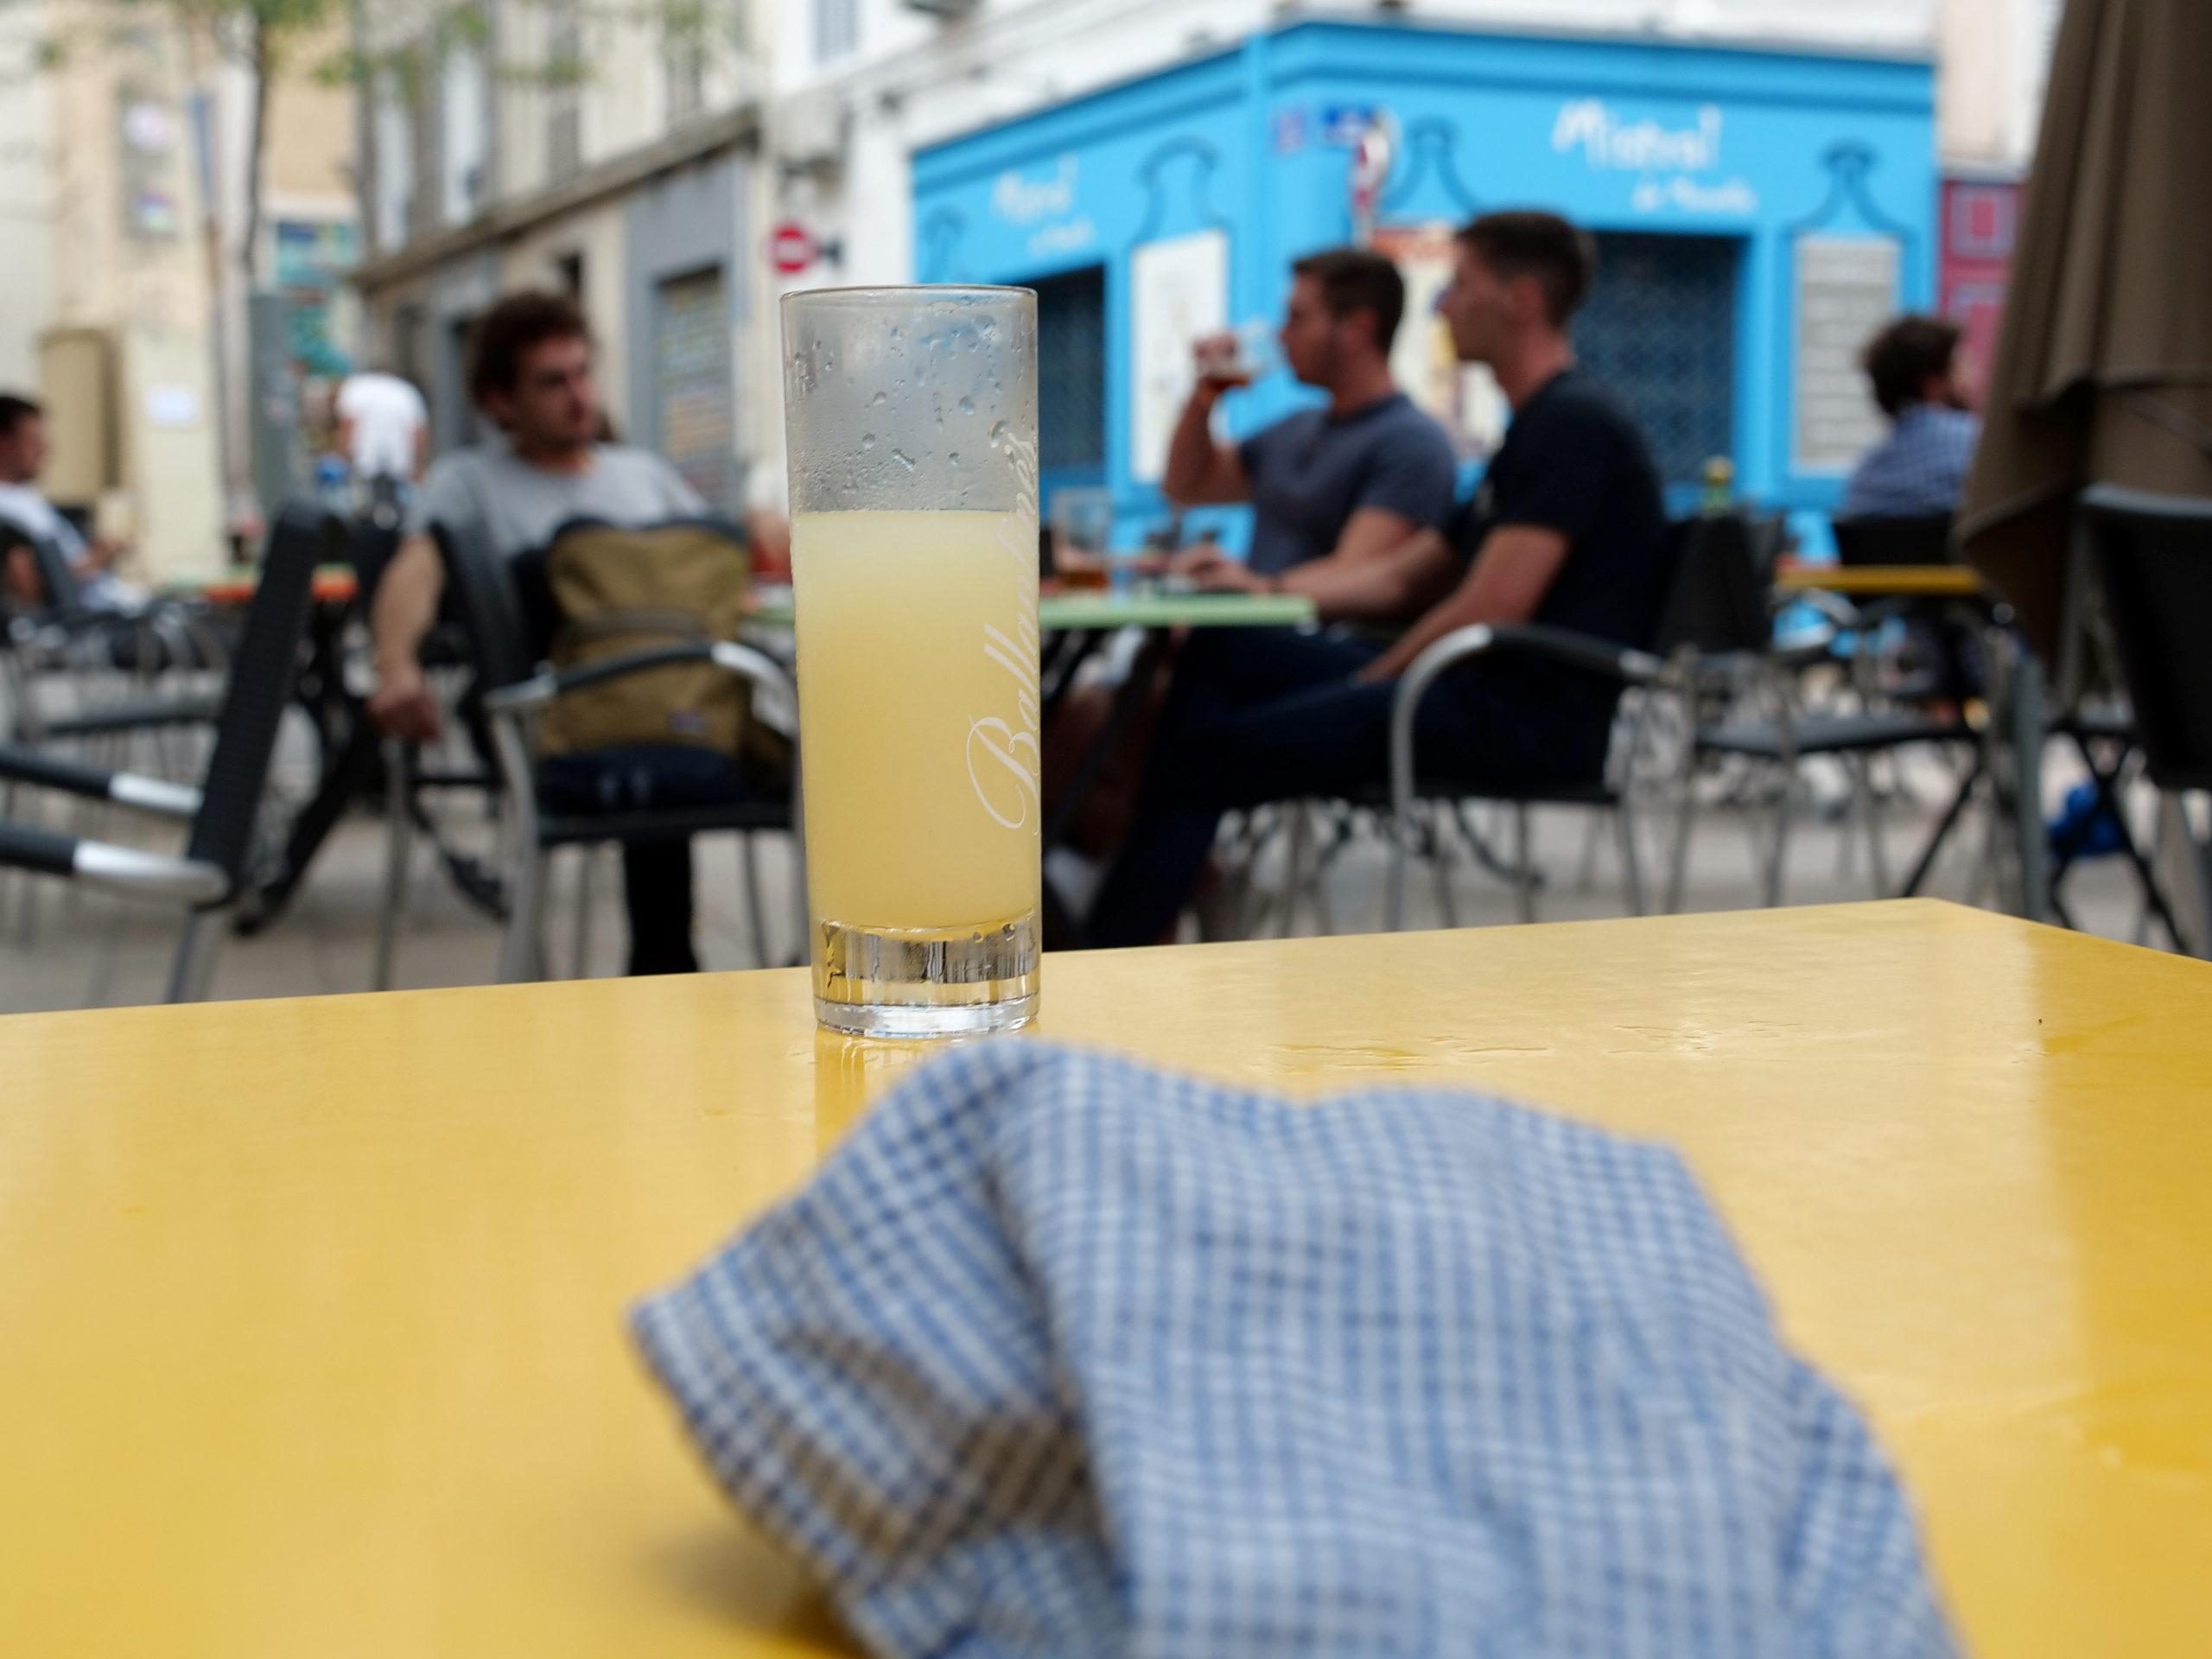 La fermeture des bars de Marseille repoussée à dimanche, selon Muselier